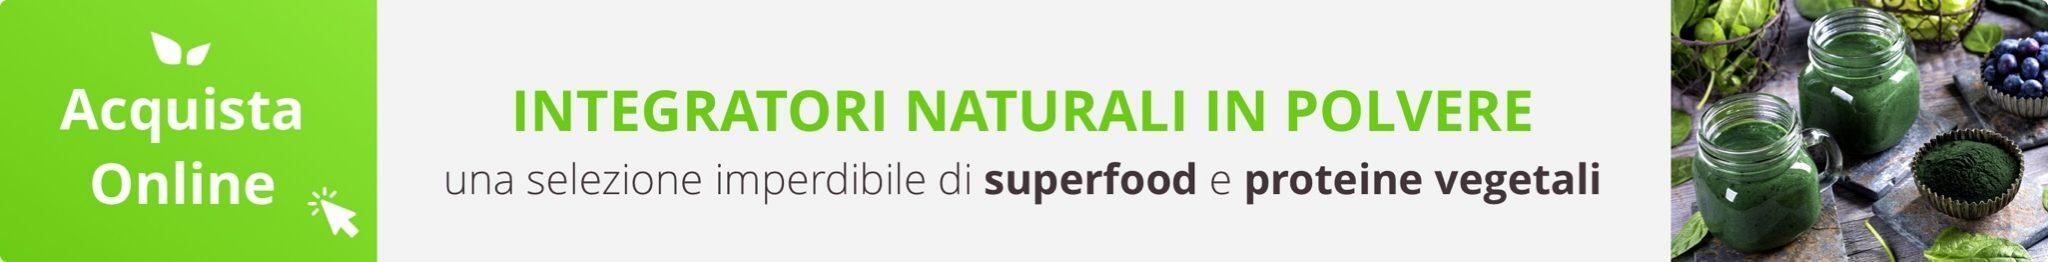 Scopri tutti gli integratori naturali e proteine vegetali in polvere: Acquista Online su FruttaWeb.com